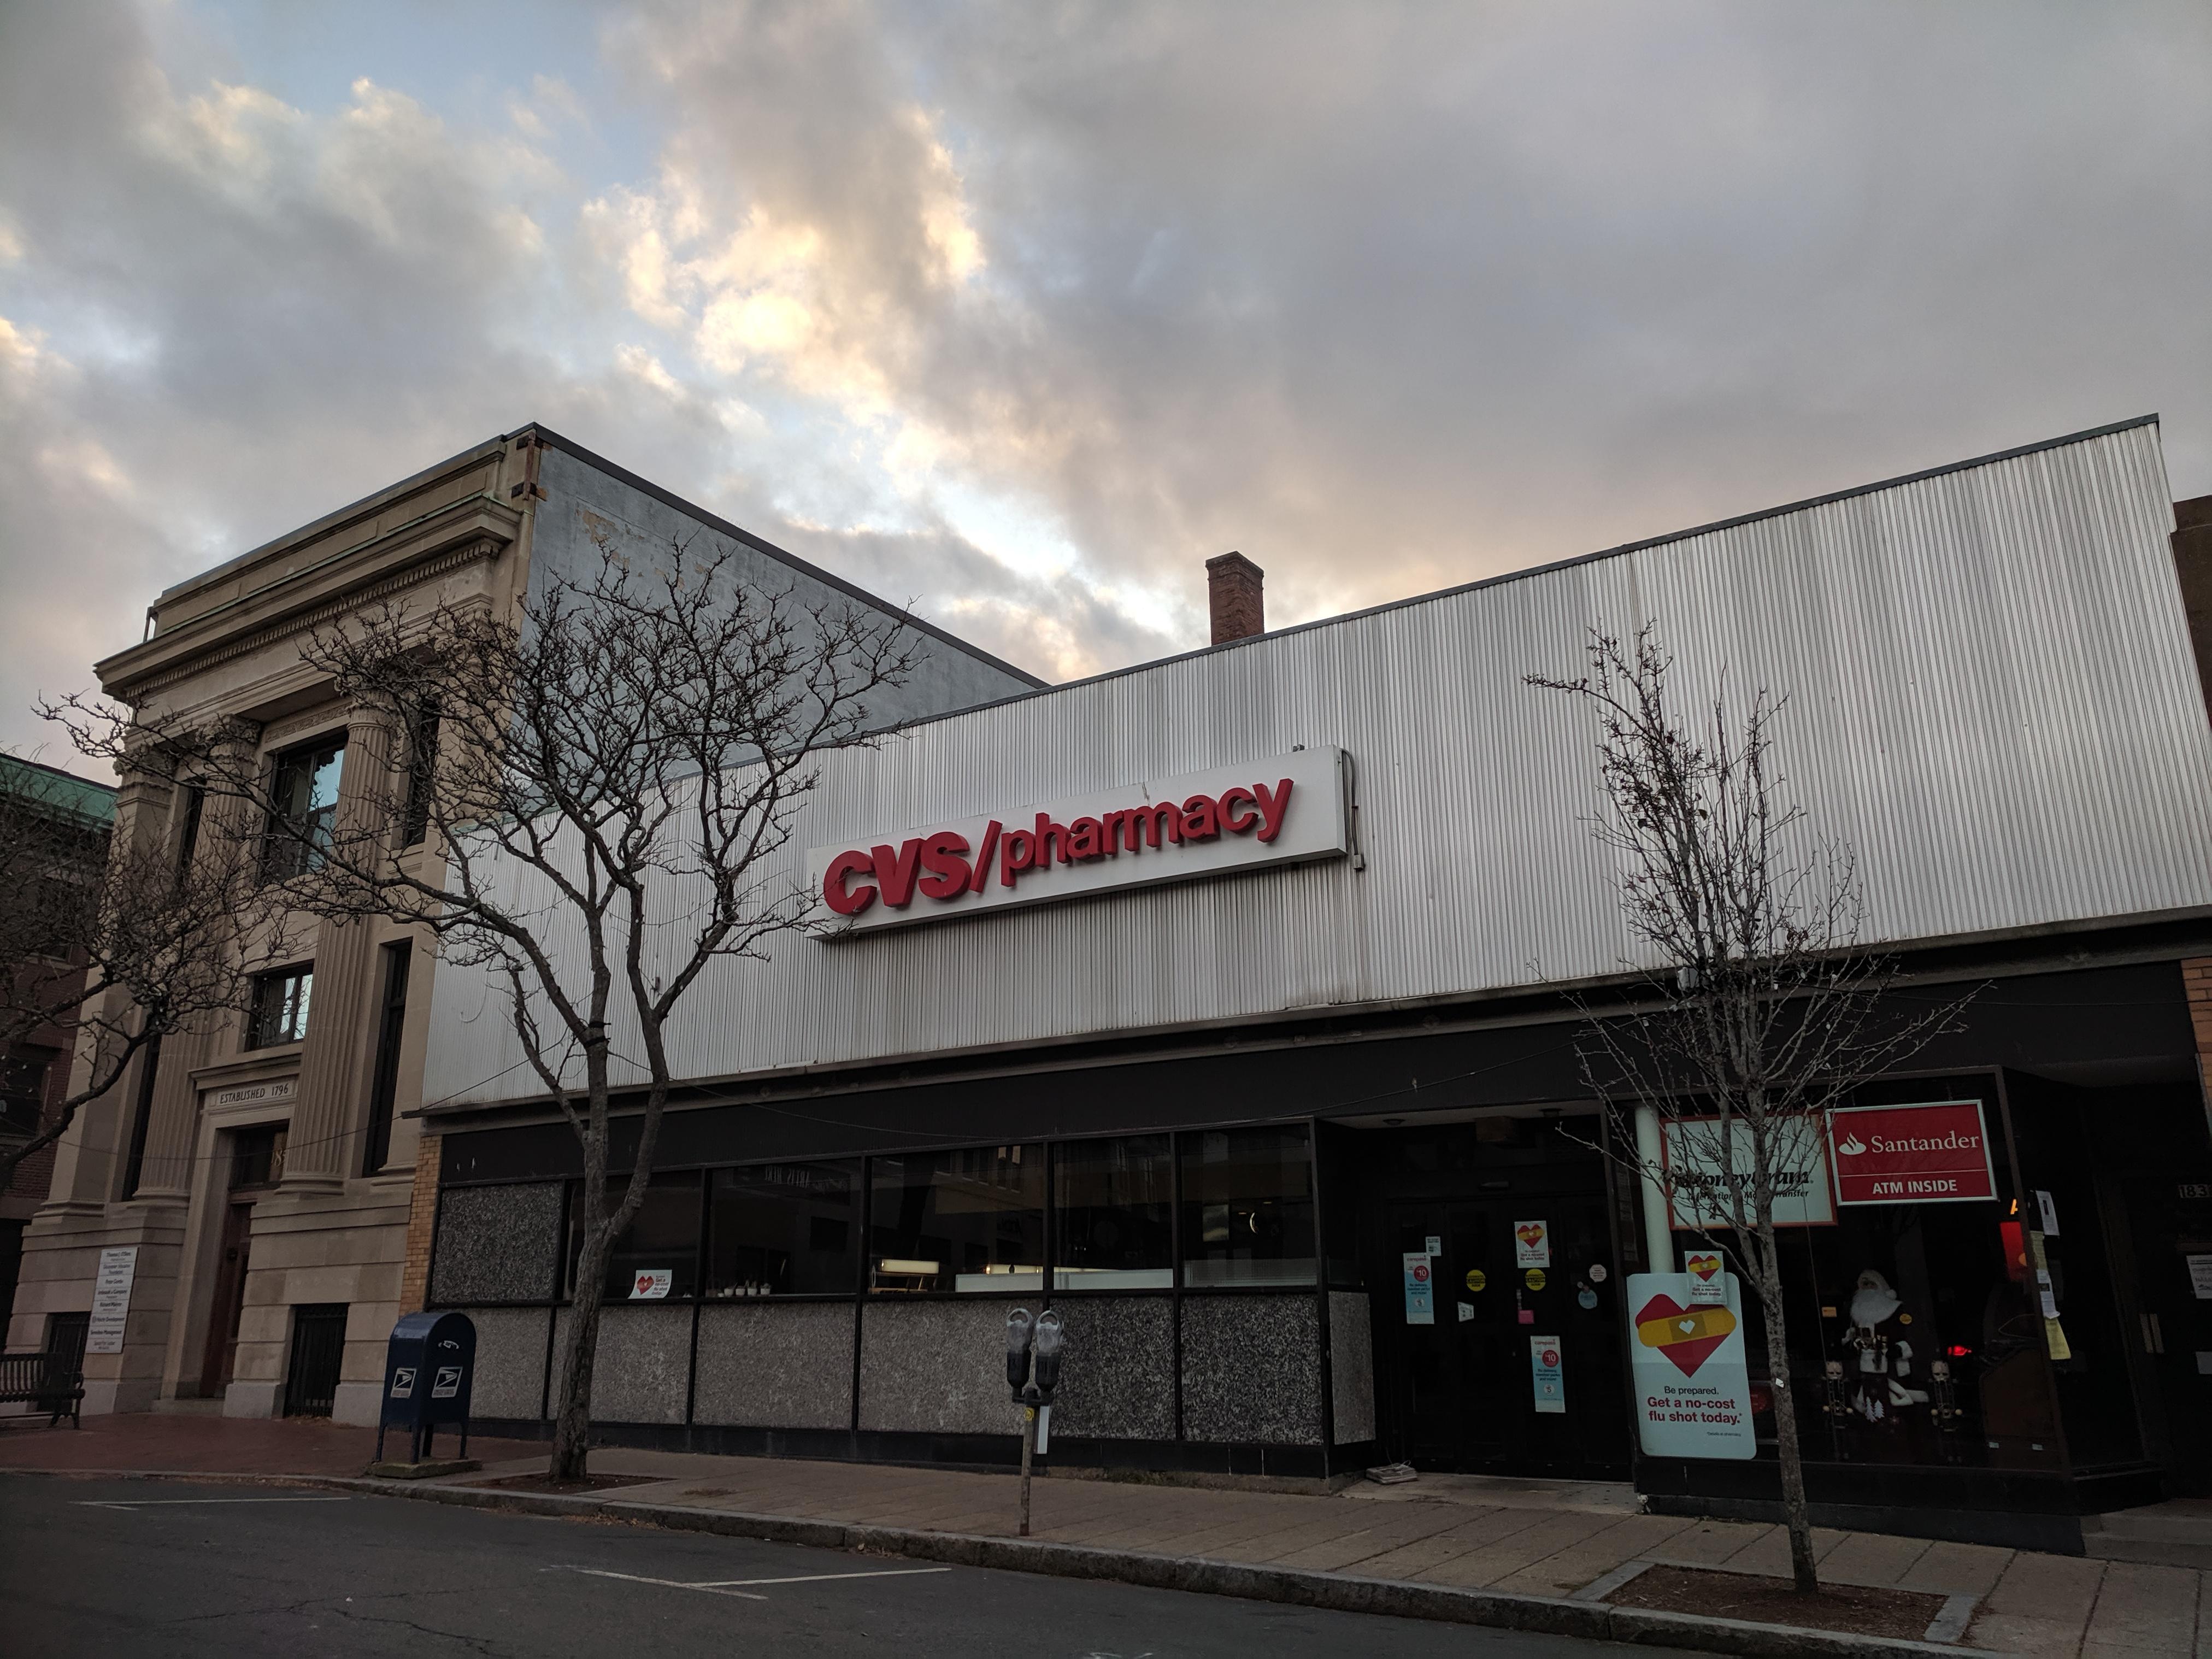 177 Main Street Gloucester Mass_20191117_CVS closing here